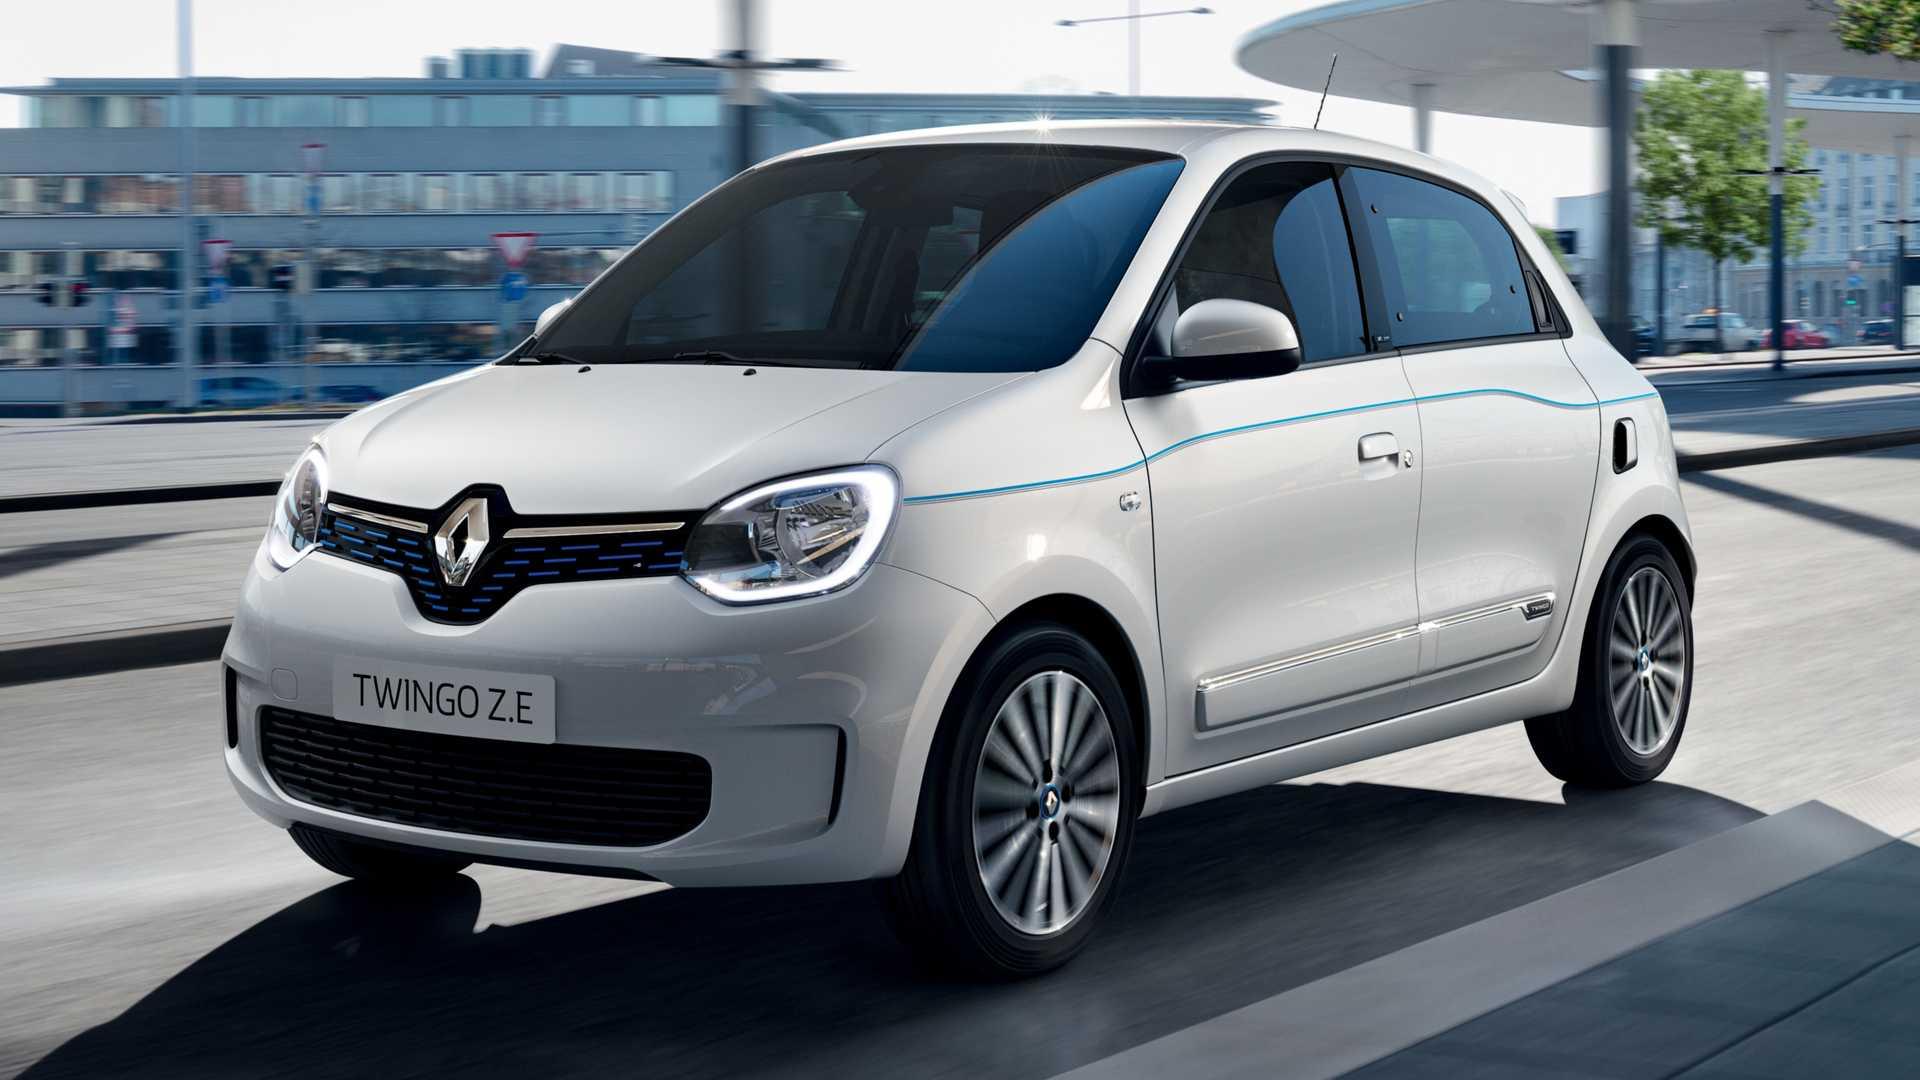 Renault Twingo scomparirà con l'attuale generazione